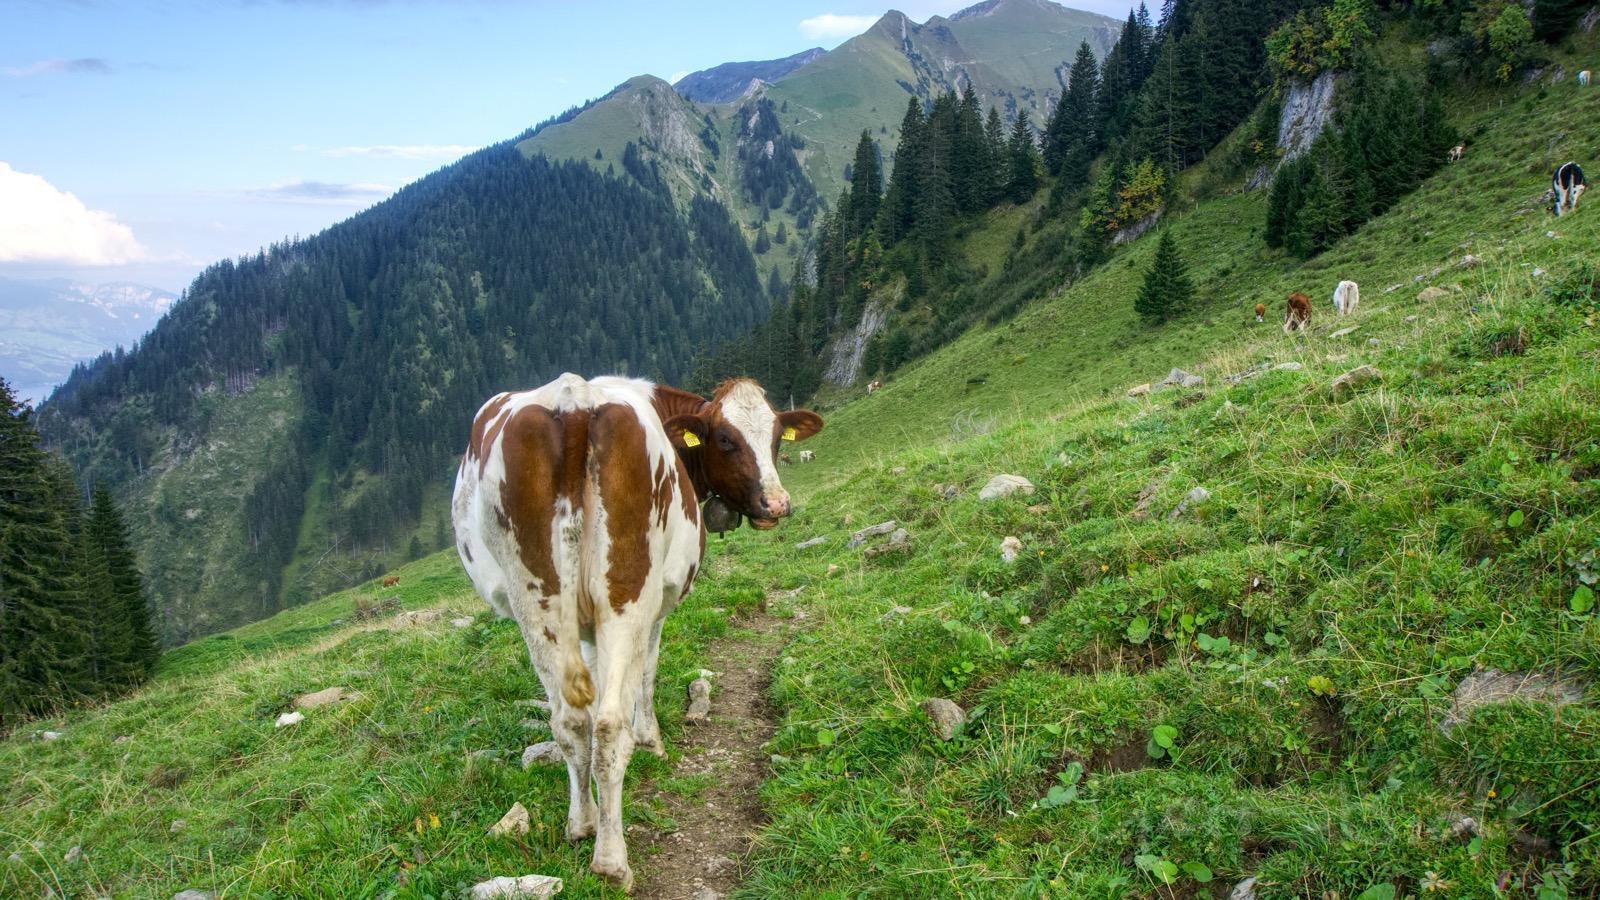 Immer wieder stehen Kühe im Weg.